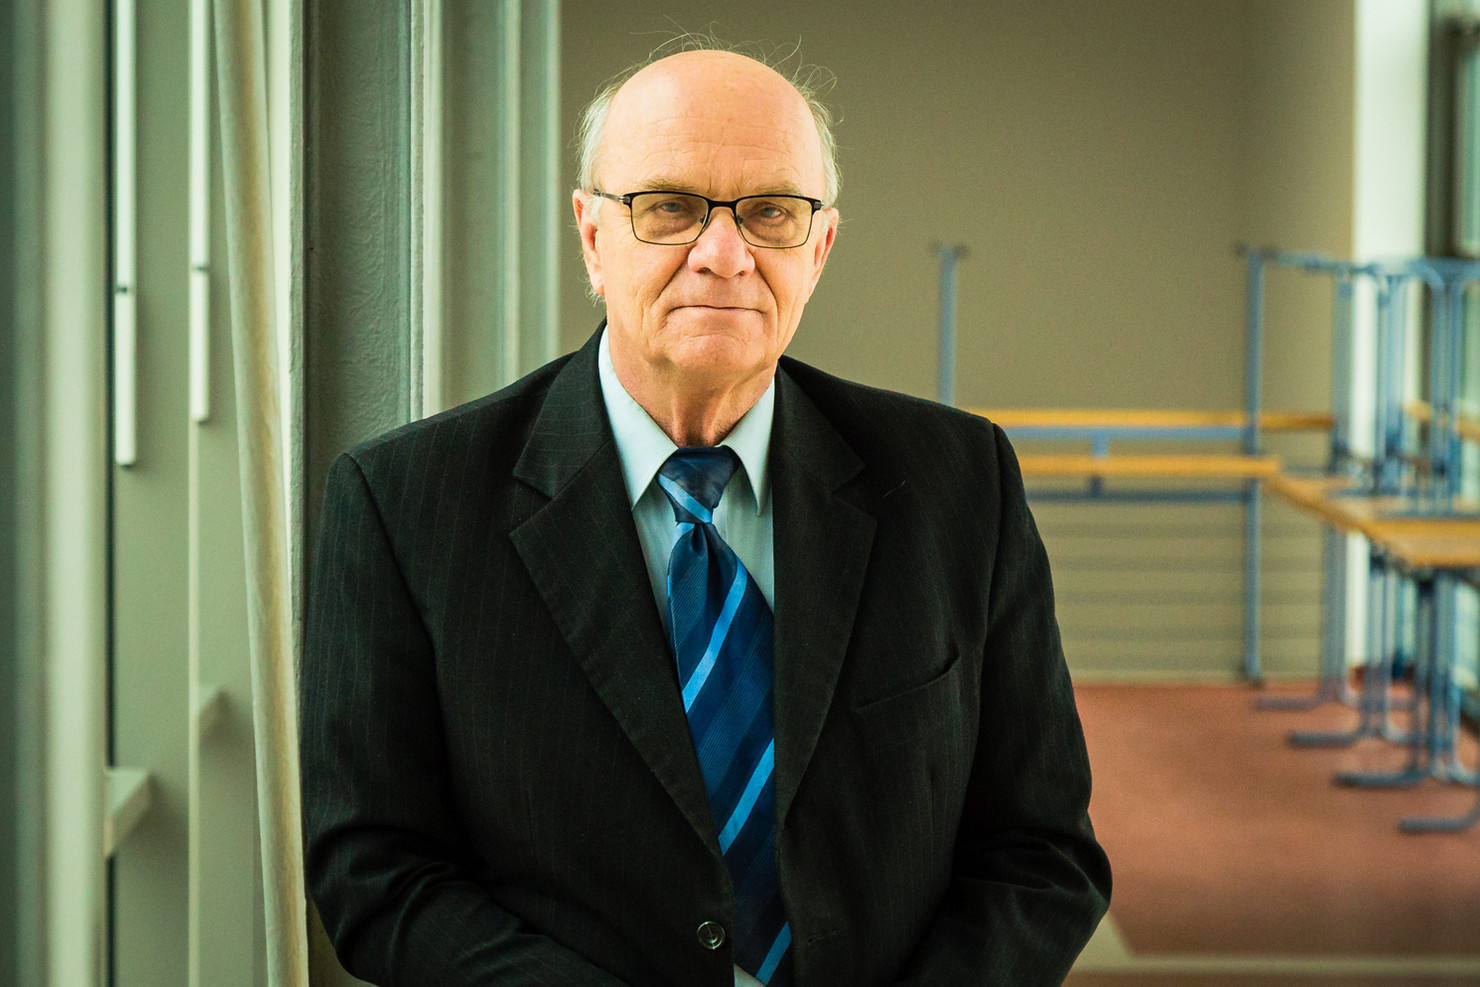 A nemzetközi Zöld Talár díj döntősei közé került a Széchenyi István Egyetem